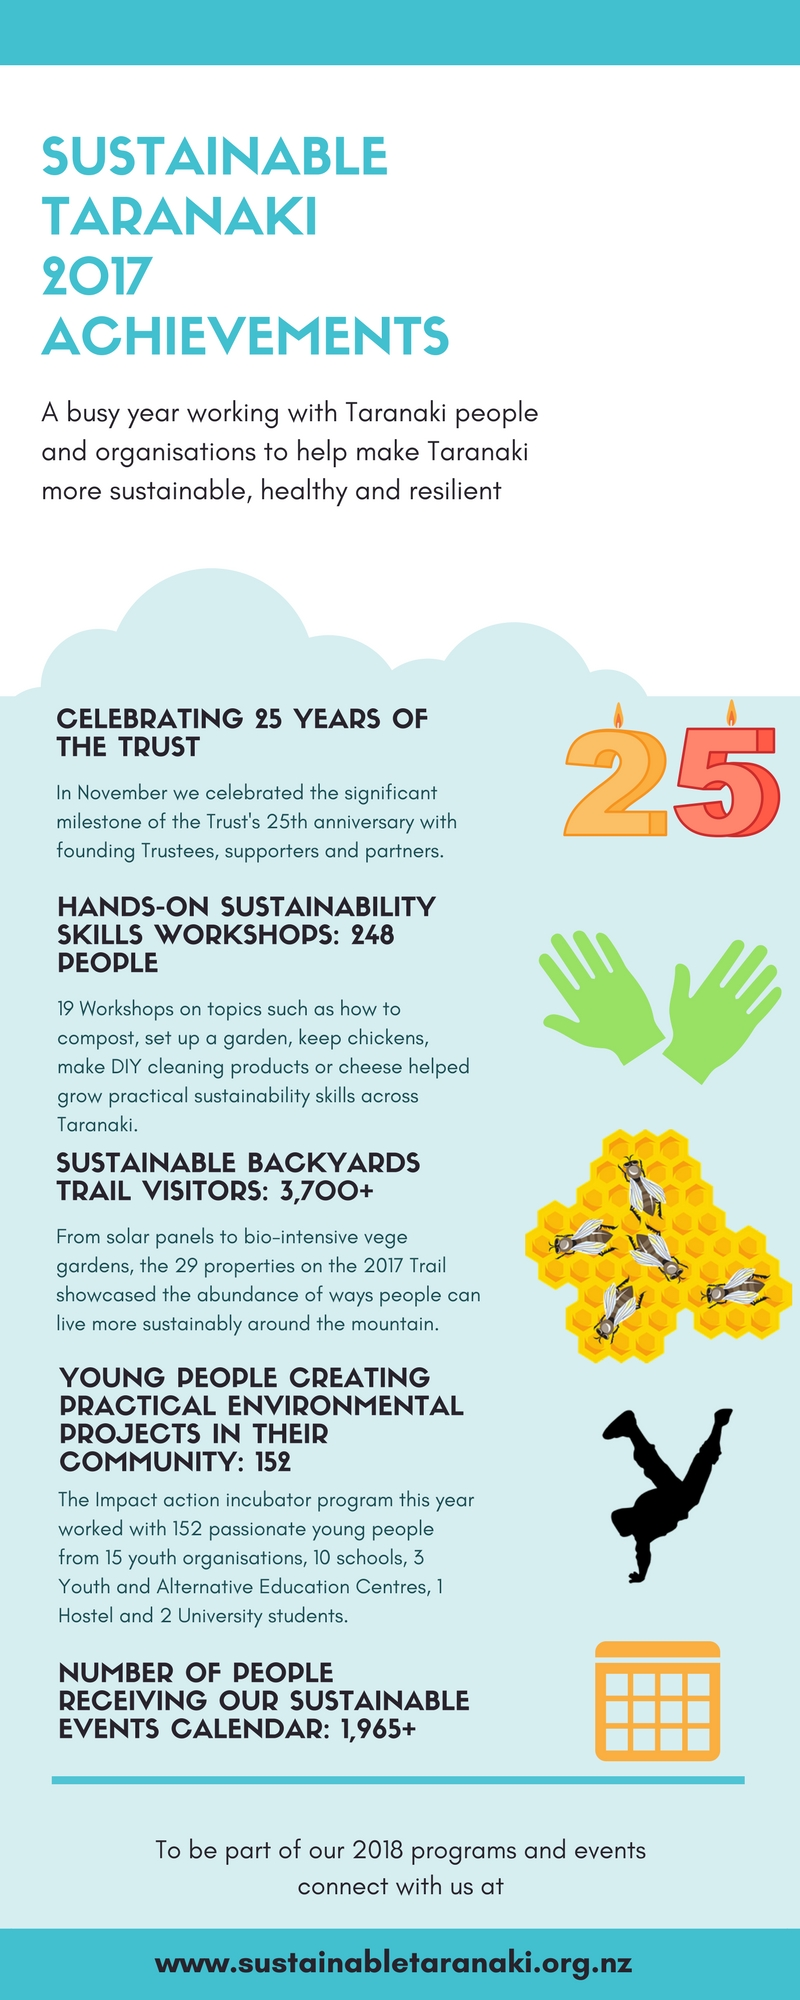 Sustainable Taranaki 2017 achievements.jpg